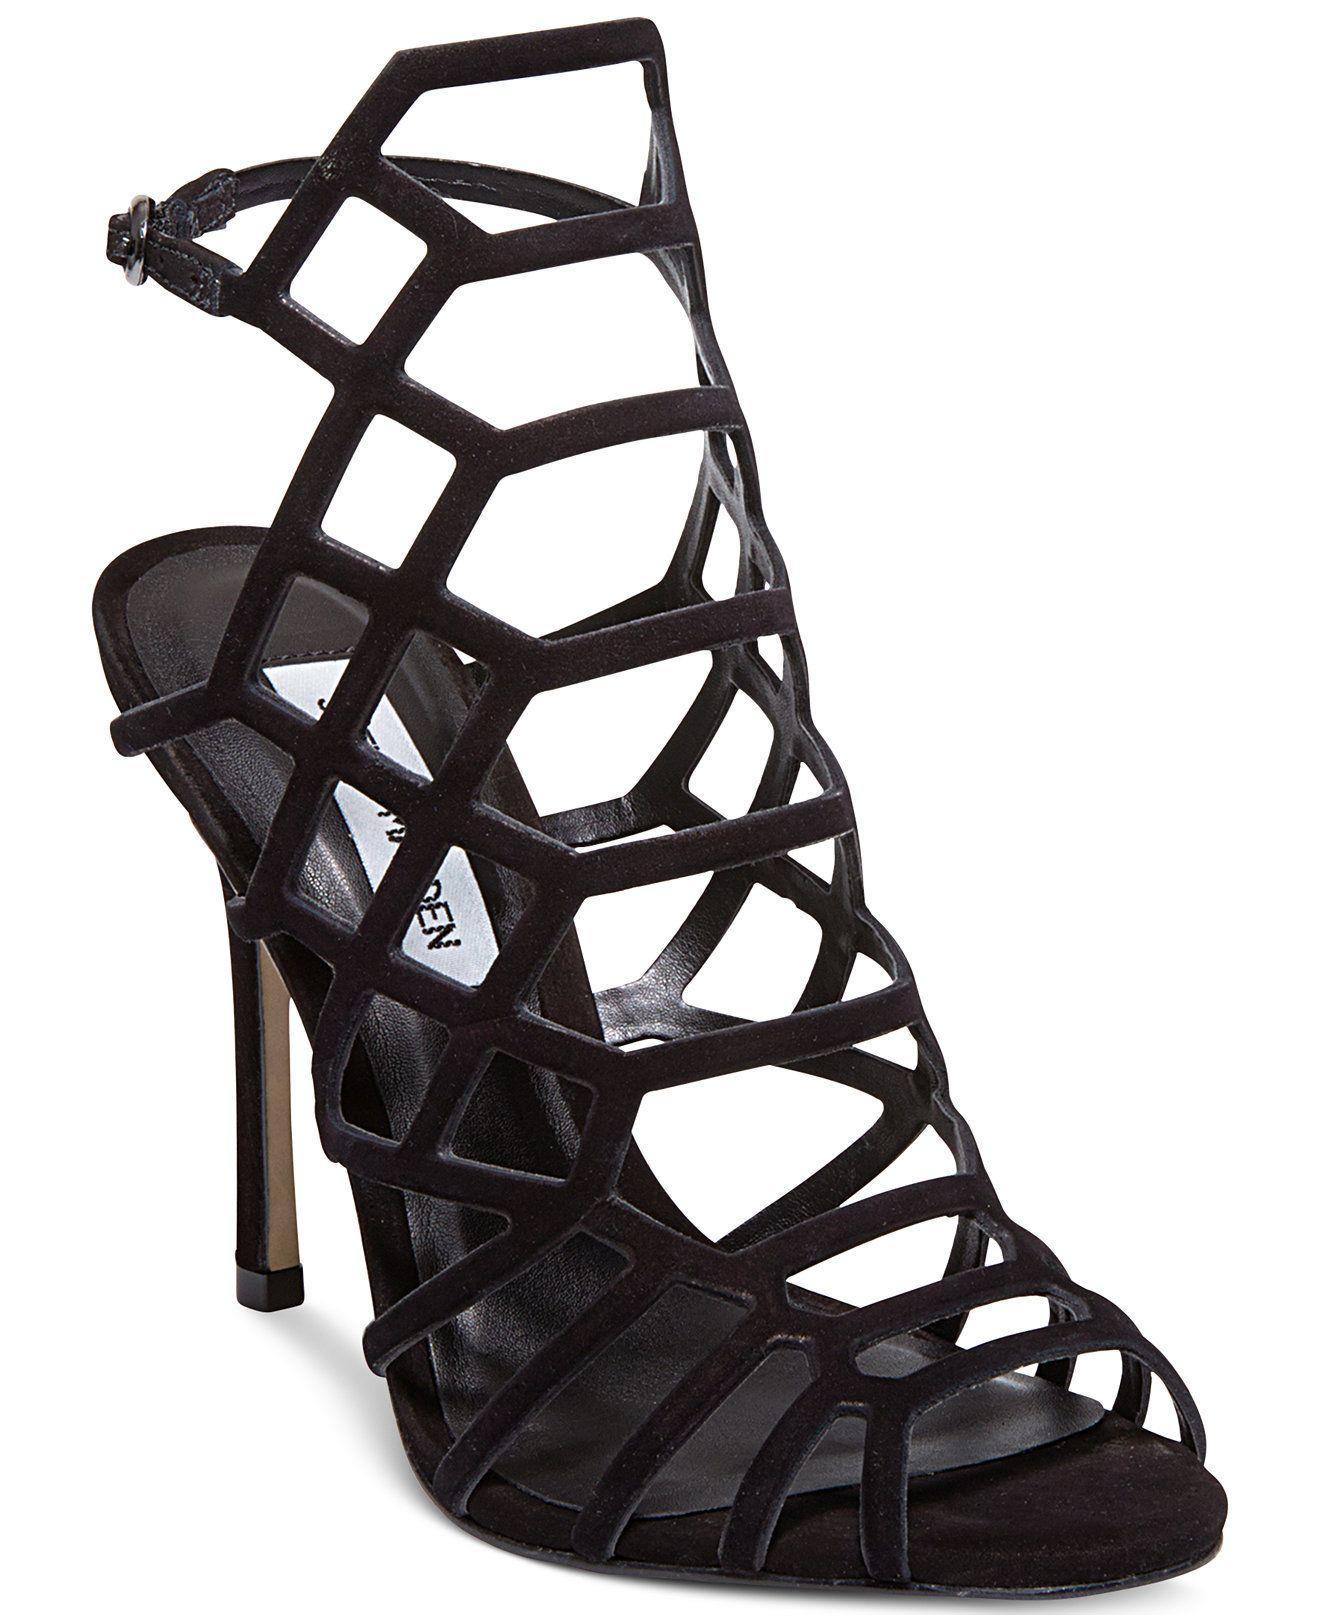 8688b14b95e Steve Madden Women s Slithur Caged Sandals - Steve Madden - Shoes - Macy s